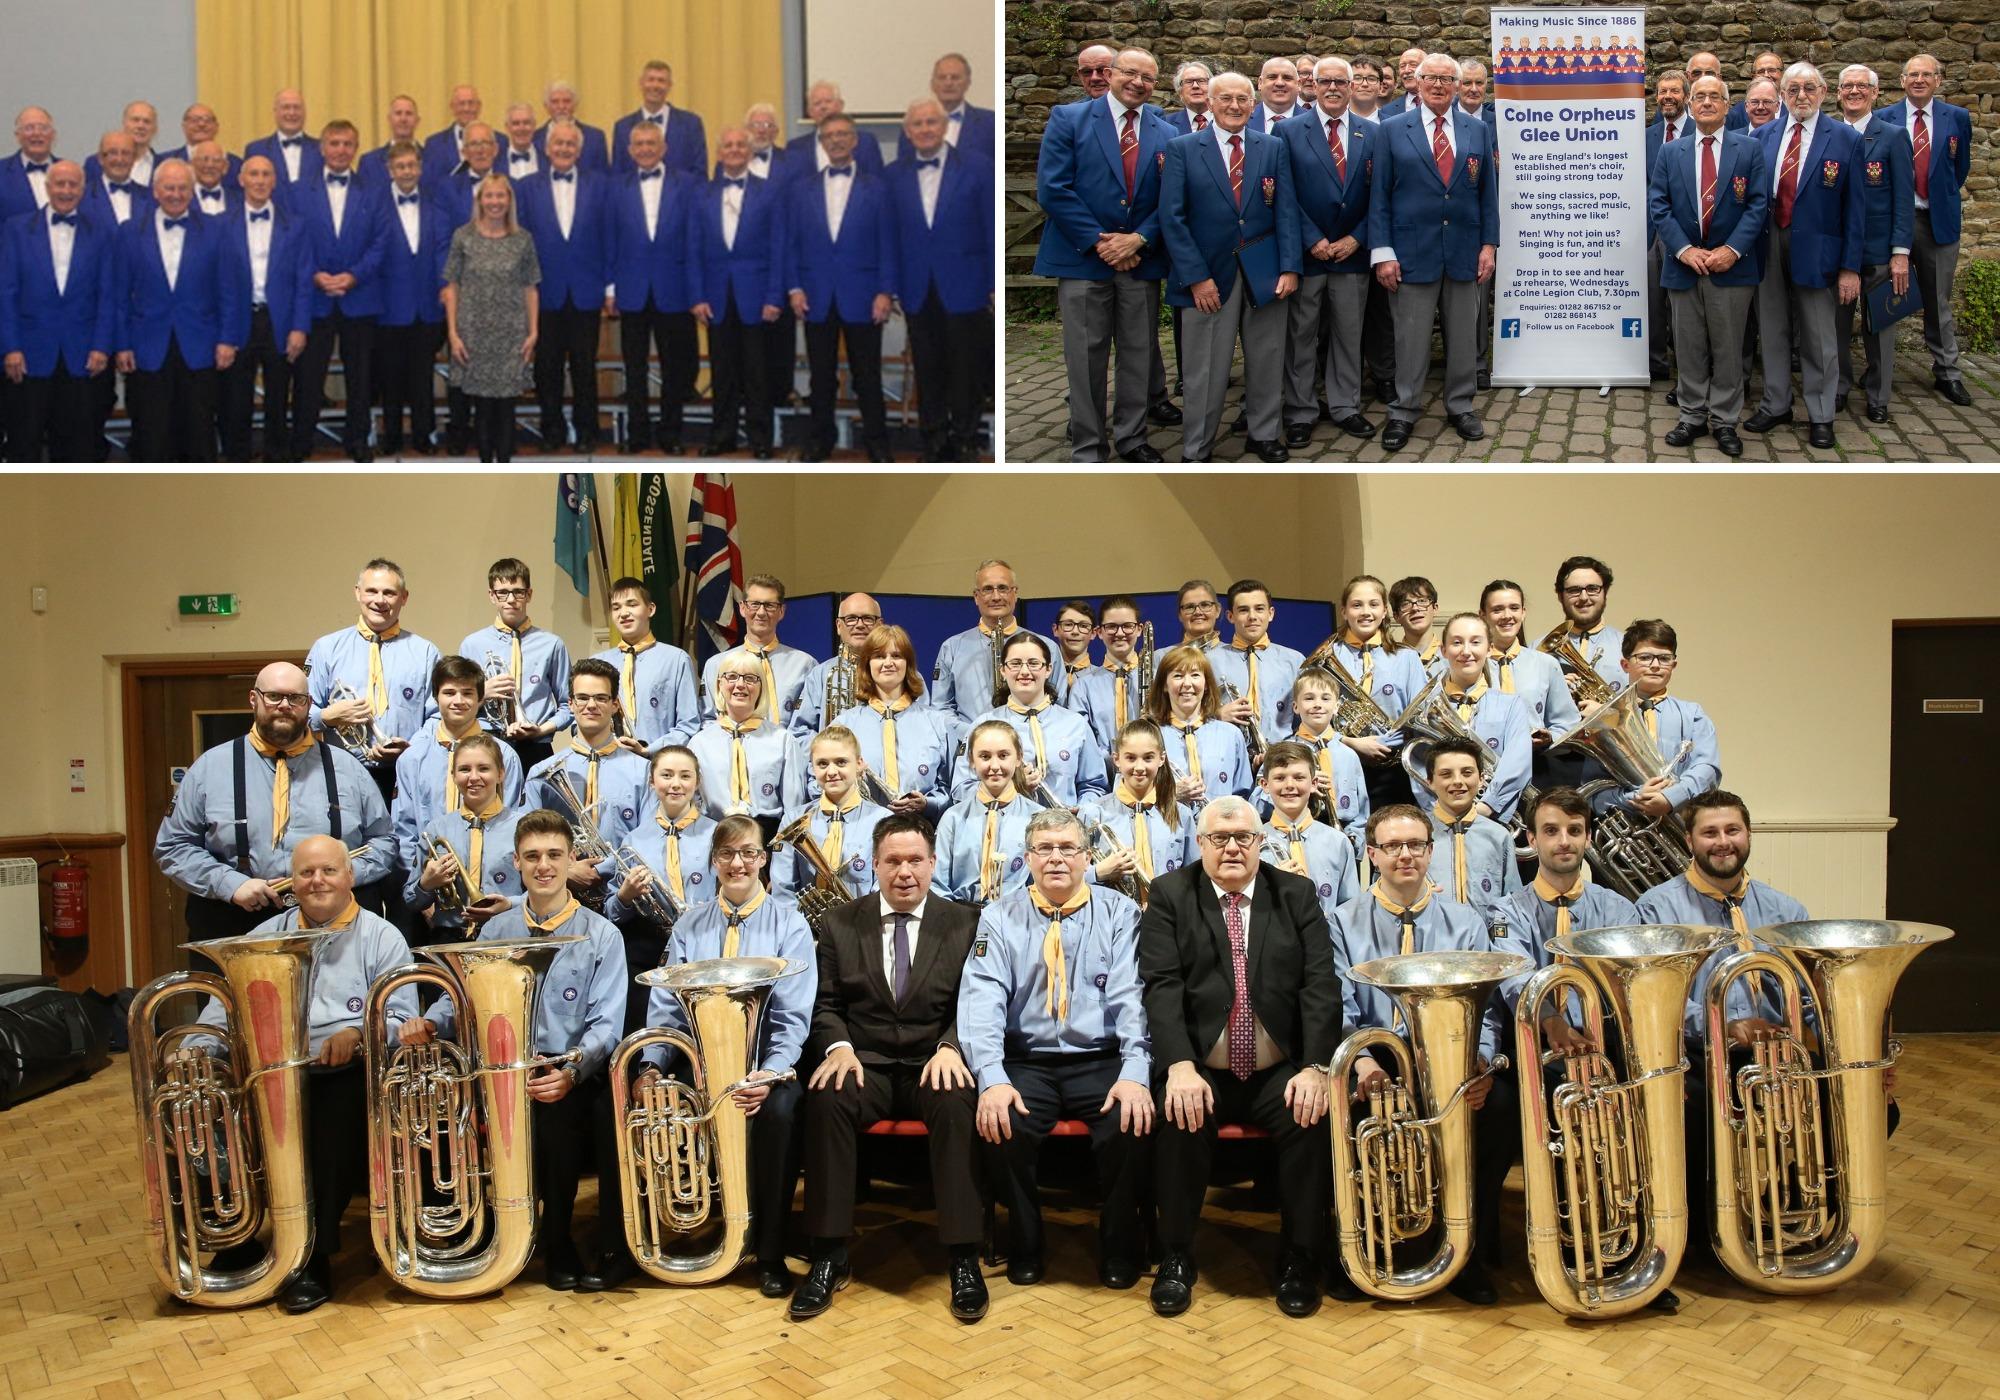 La banda de música y los coros masculinos finalmente se preparan para realizar un concierto de recaudación de fondos después de las cancelaciones de Covid